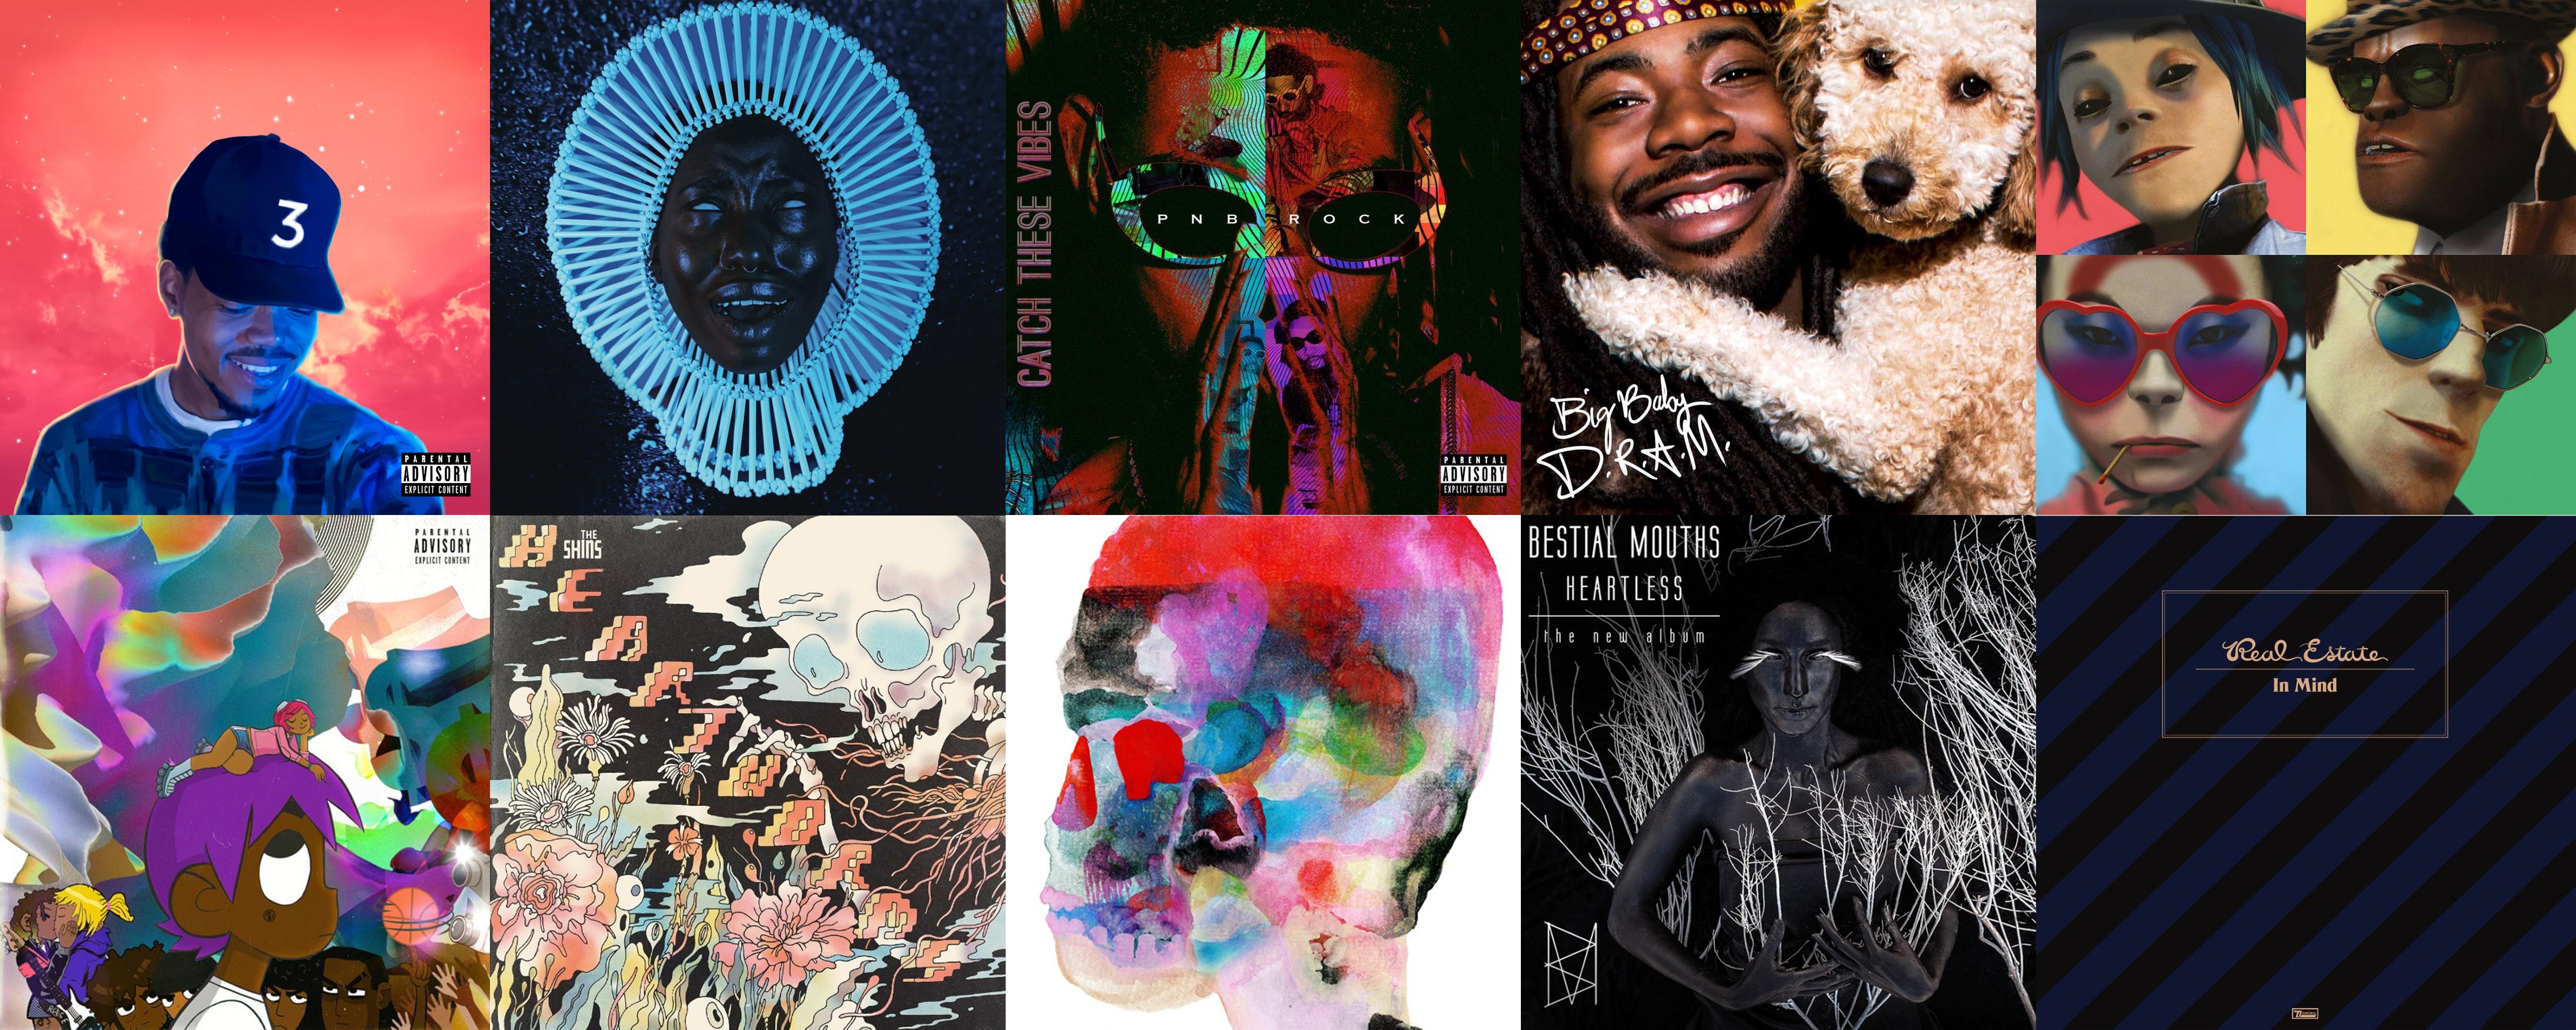 2017 top artists